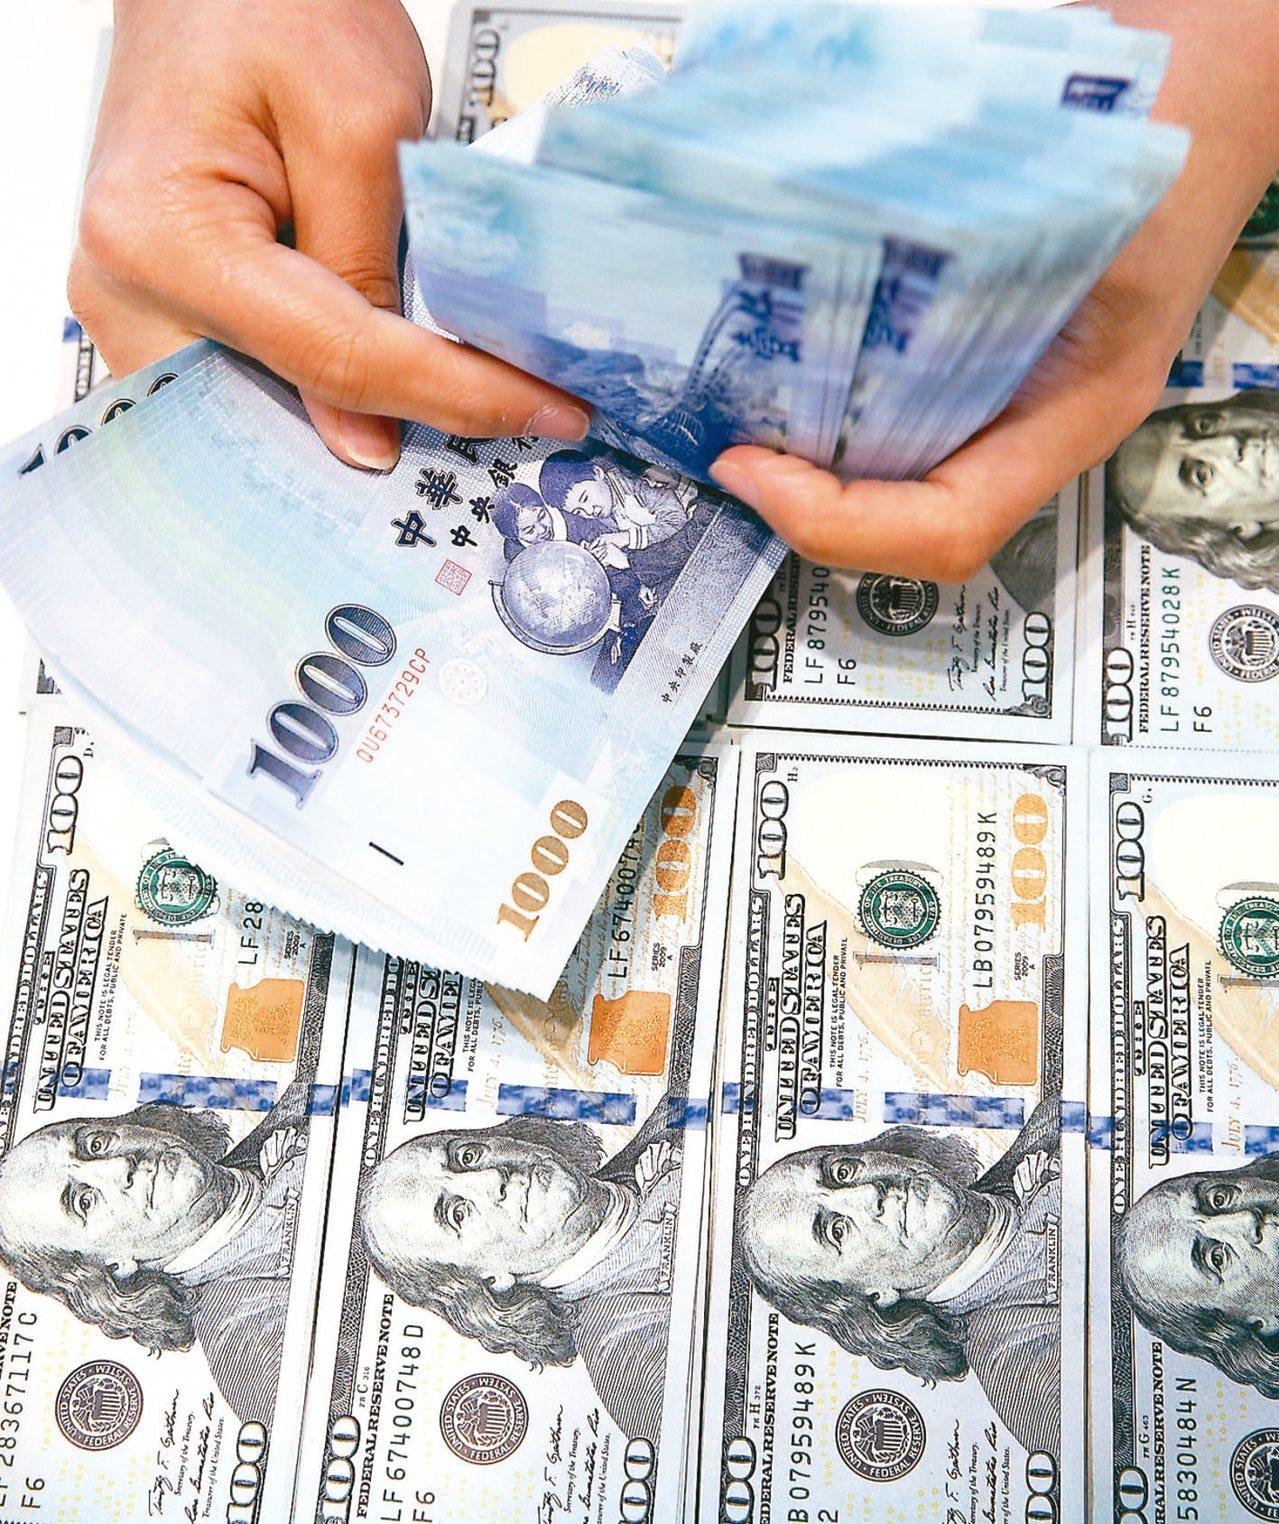 新台幣兌美元今天開盤價為30.52元,早盤最高30.49元、最低30.544元。...